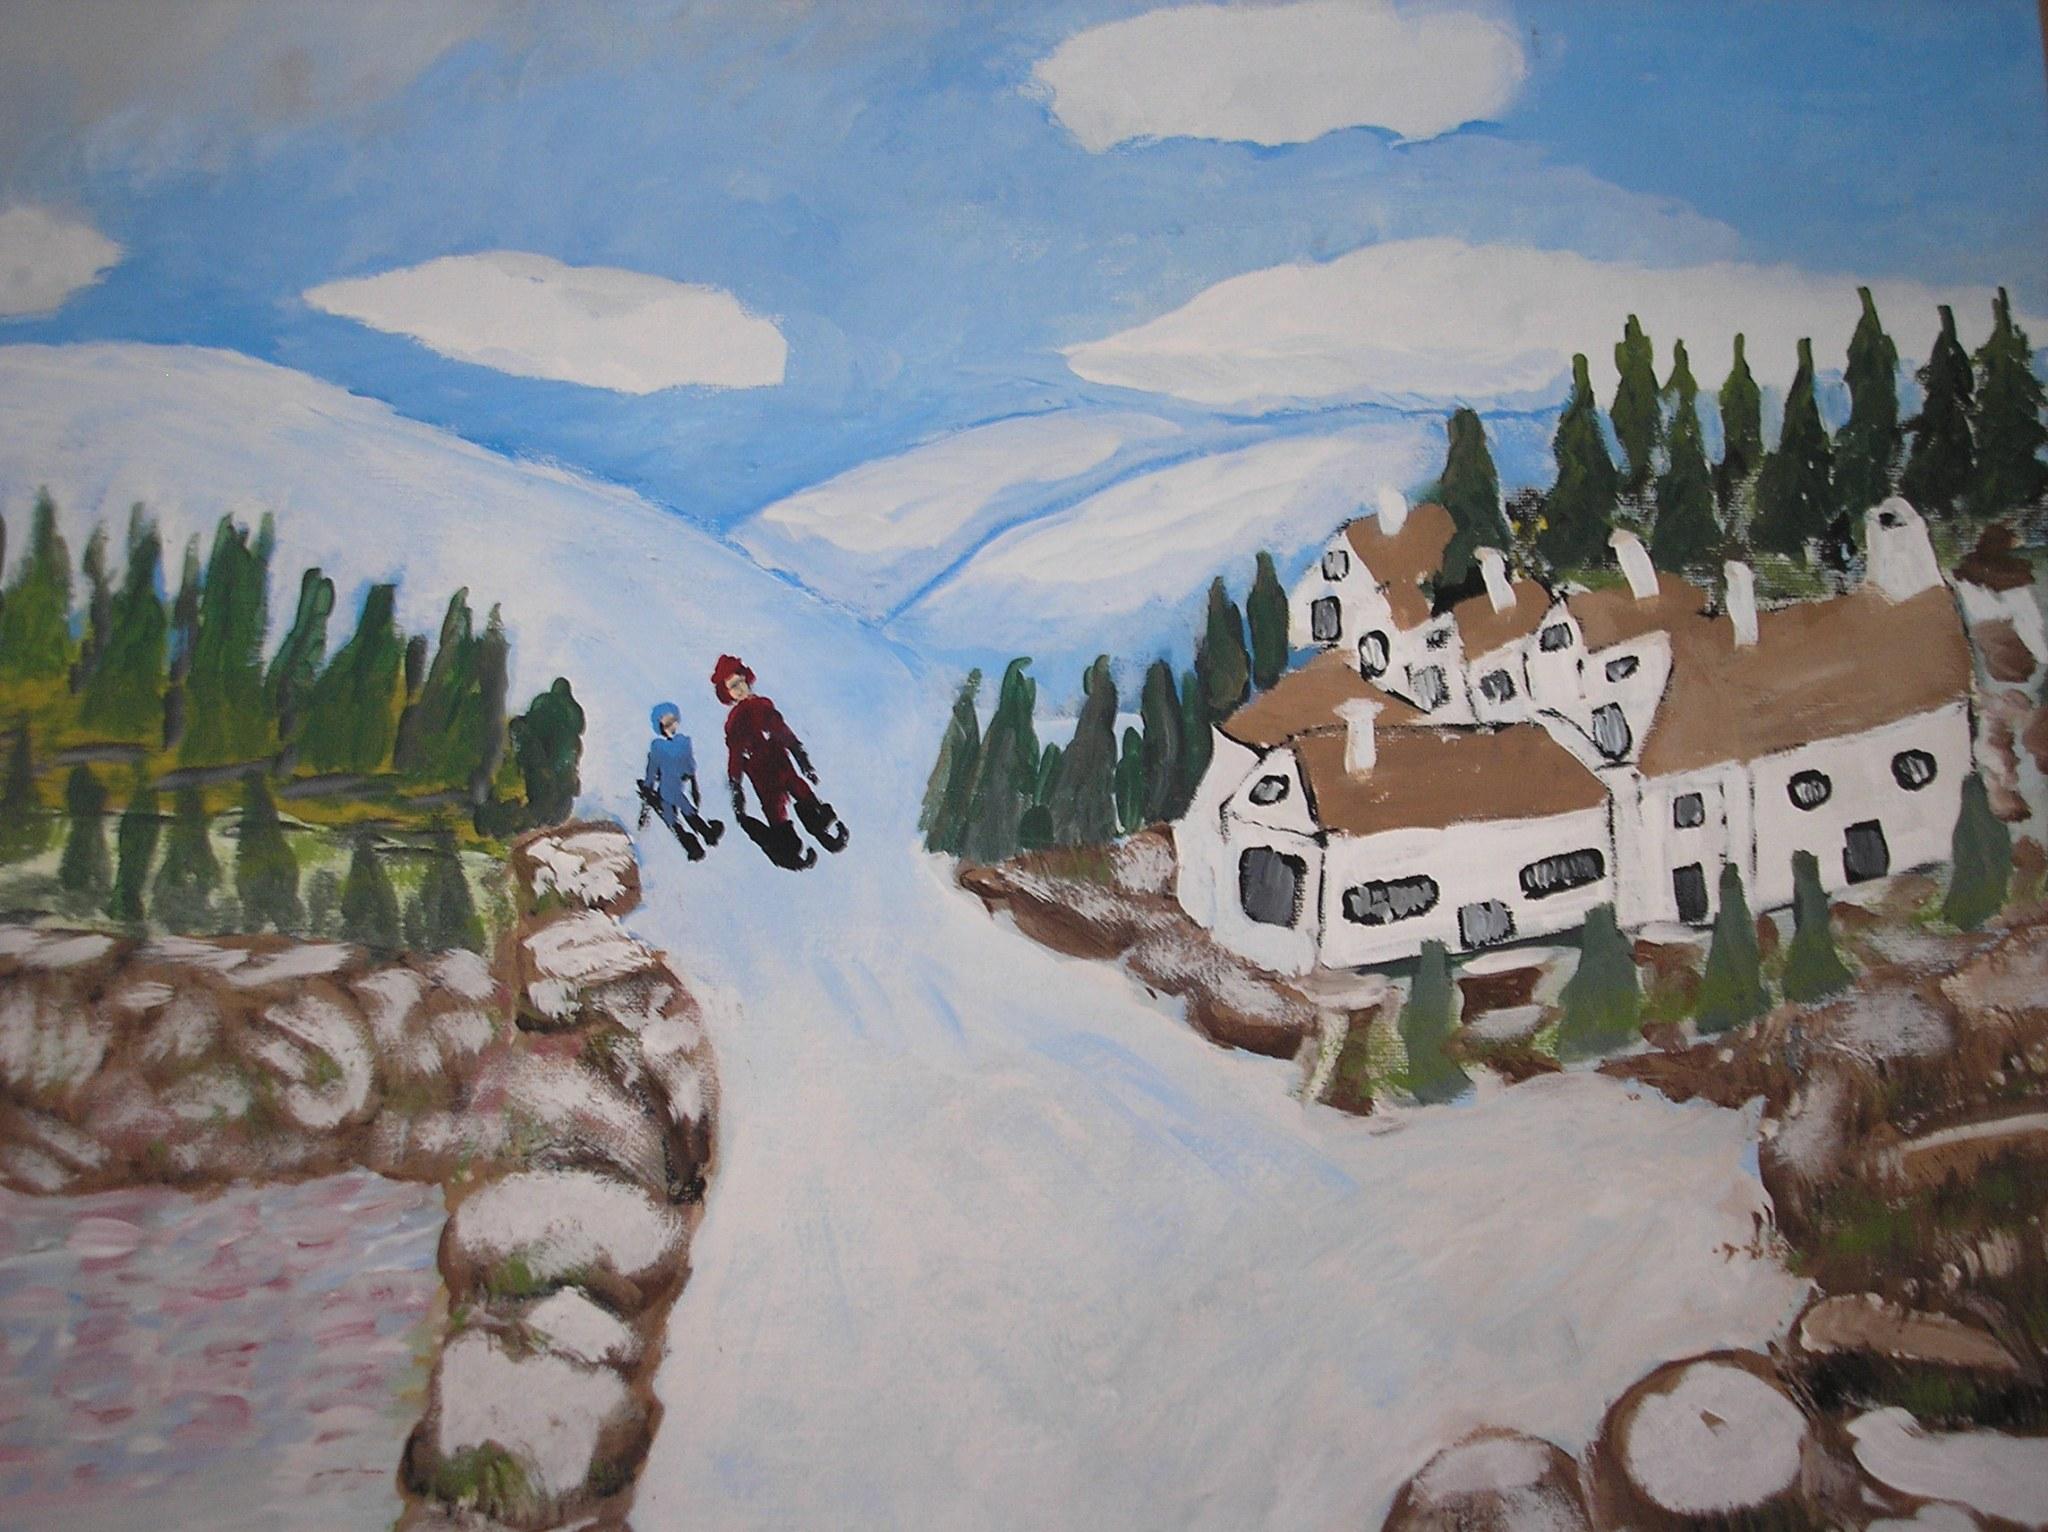 Ski Lodge - AMc - 2016